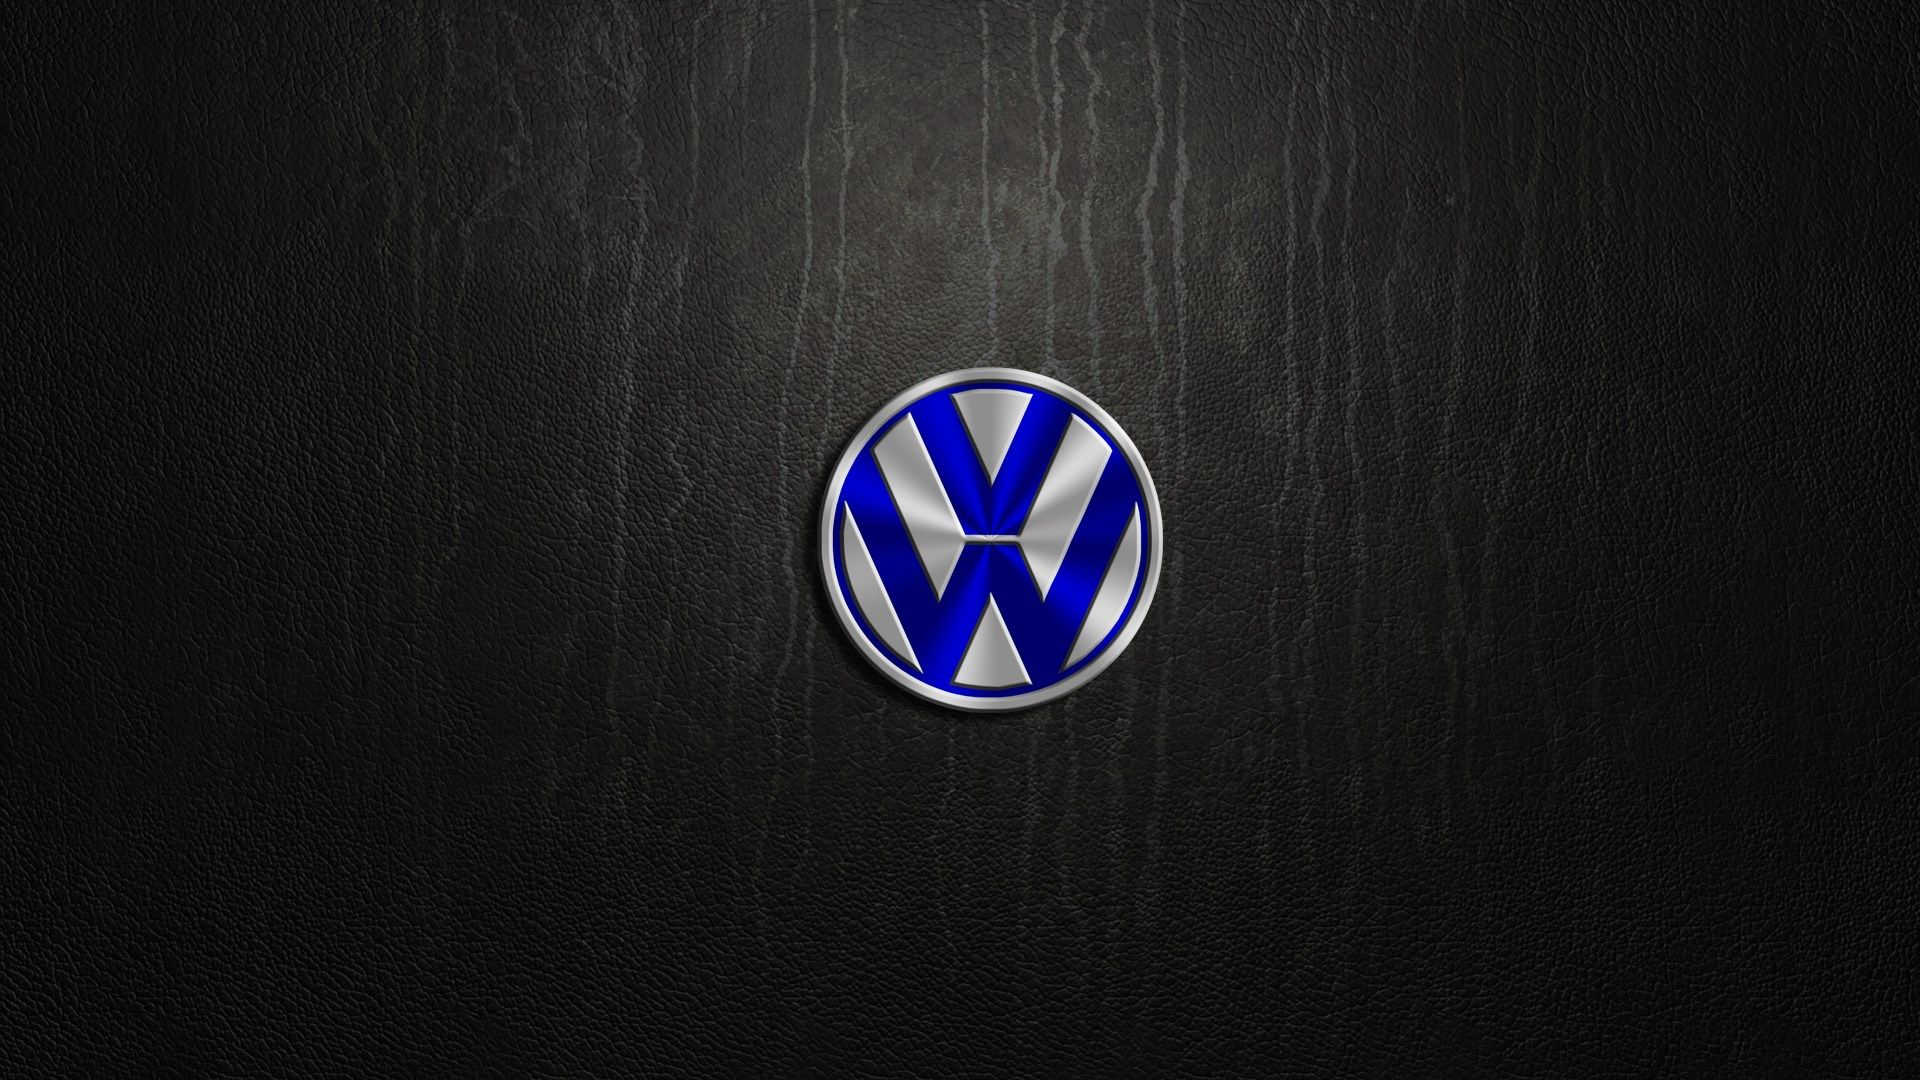 Volkswagen Free 1920x1080 With Images Volkswagen Logo